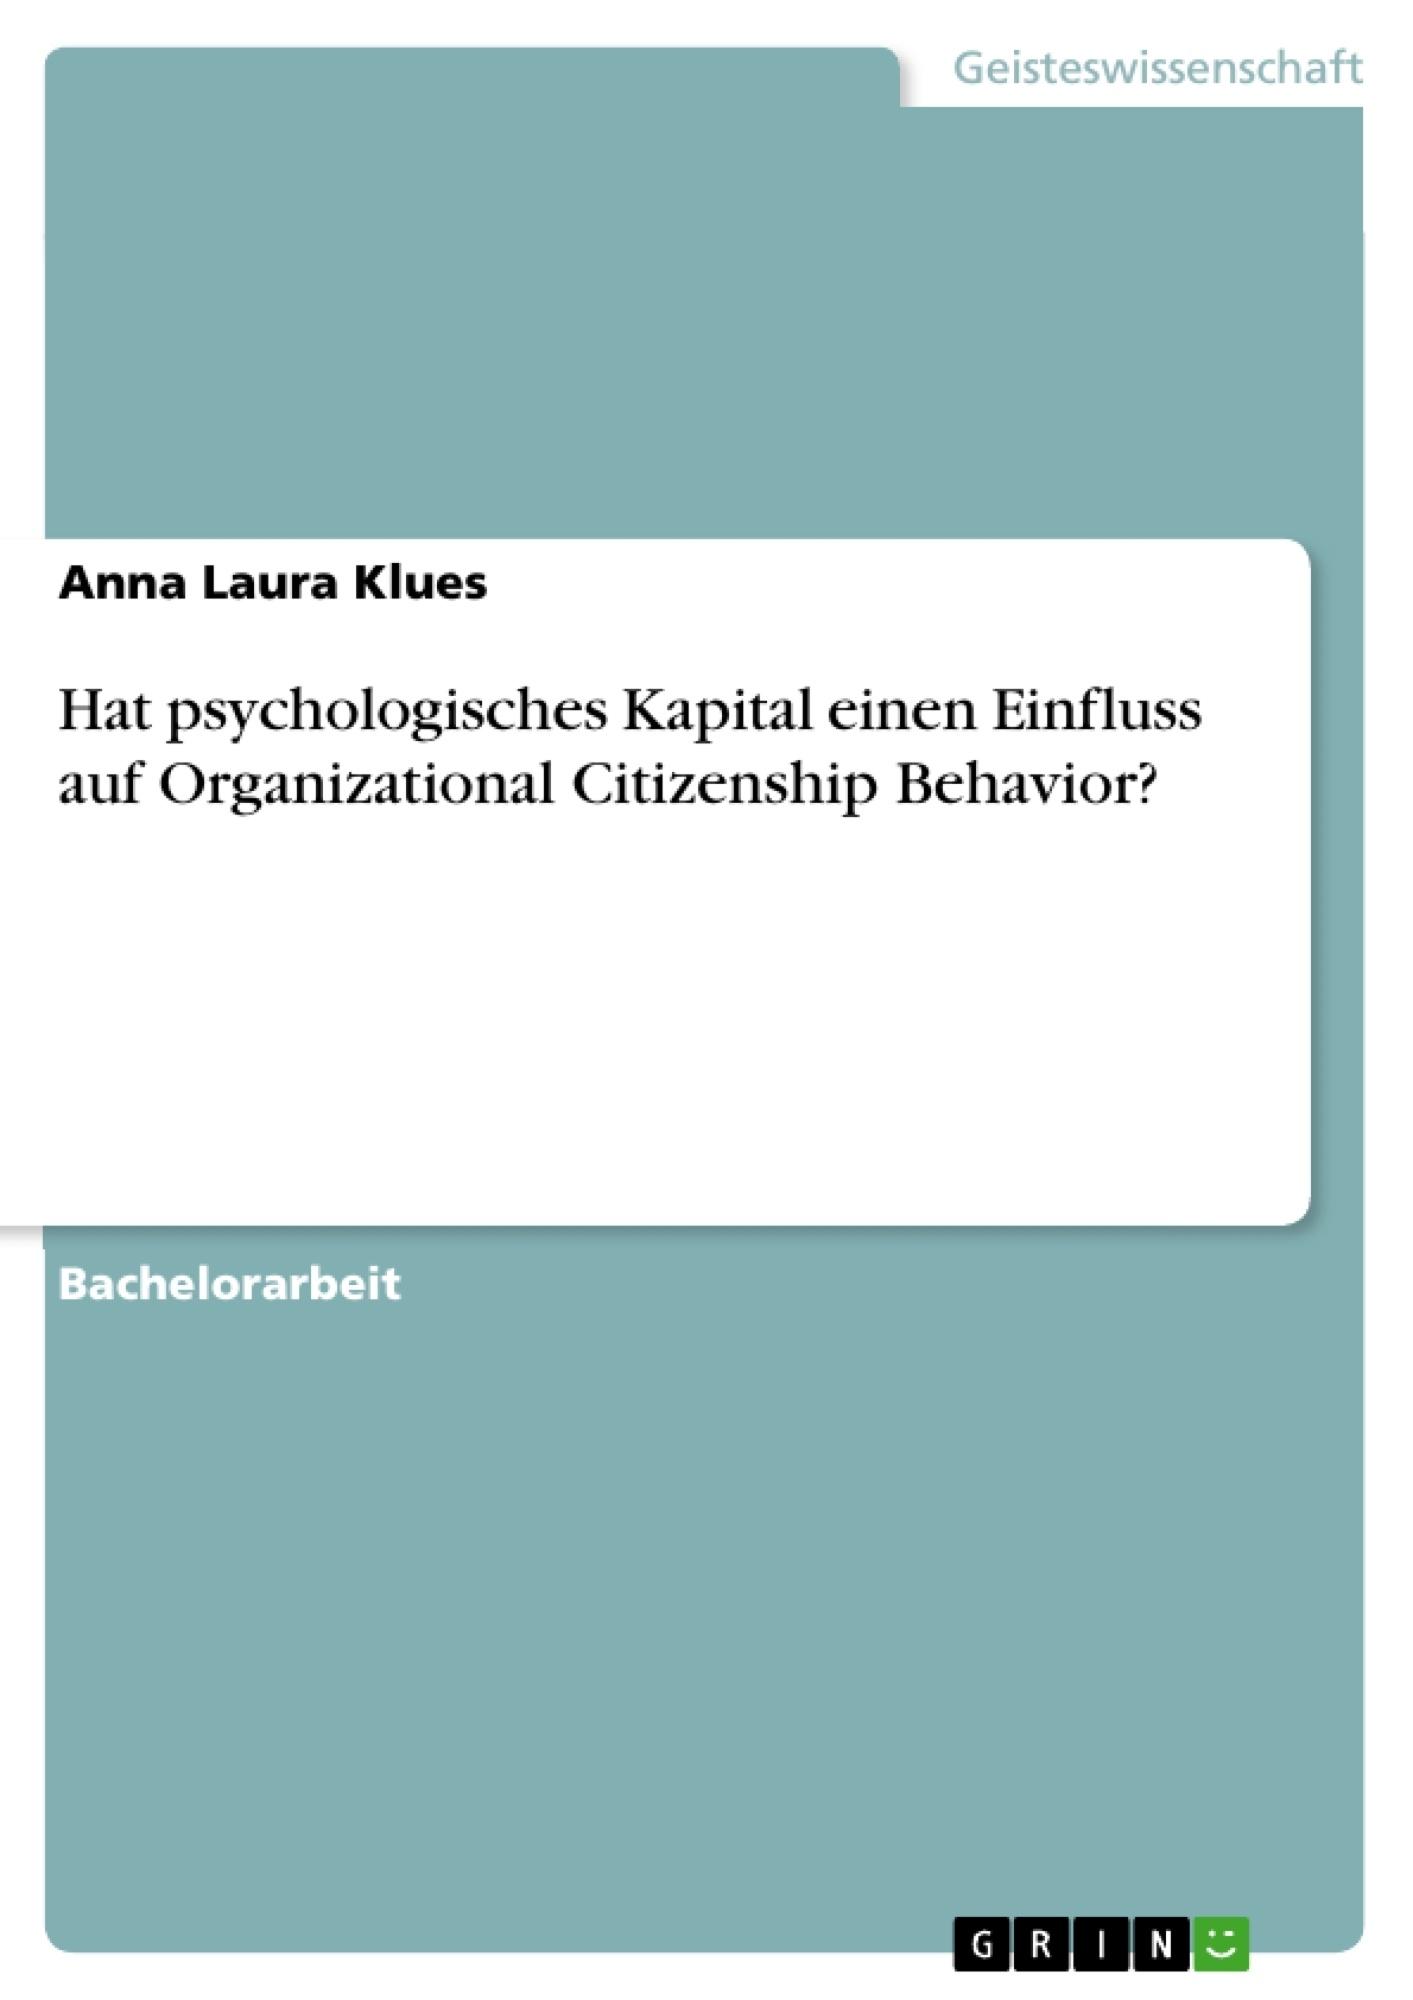 Titel: Hat psychologisches Kapital einen Einfluss auf Organizational Citizenship Behavior?